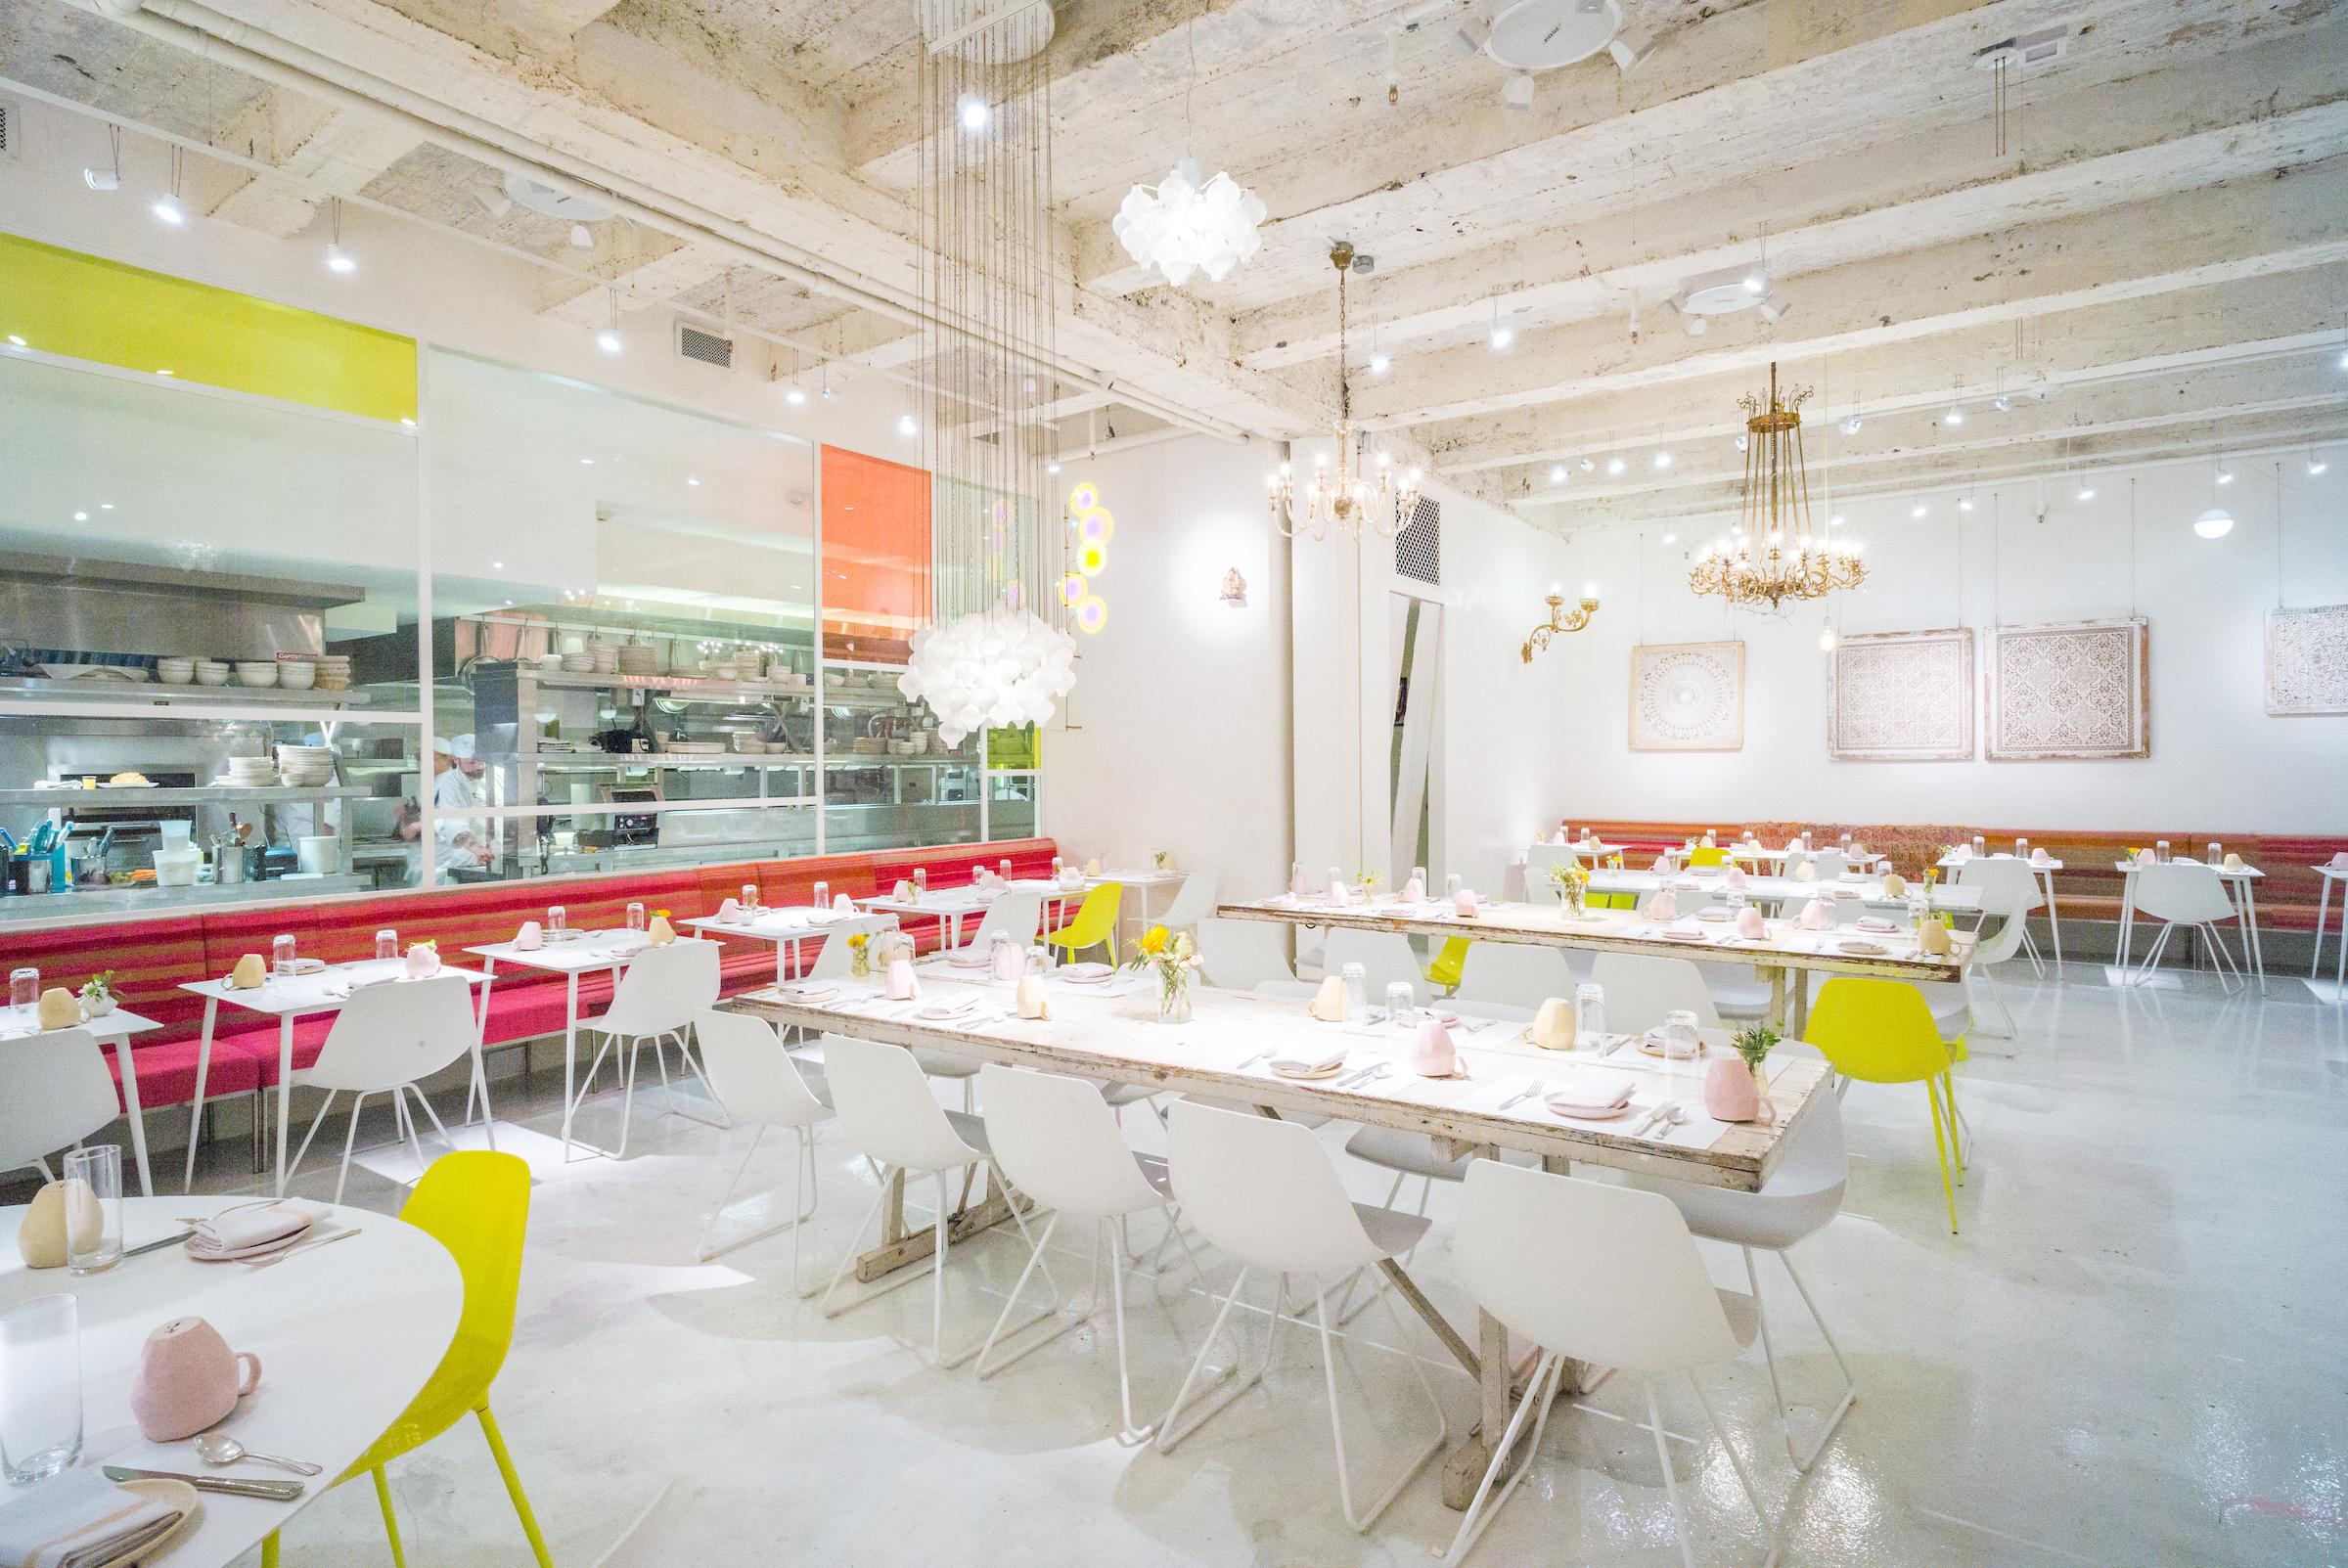 abcv-dining-room.jpg